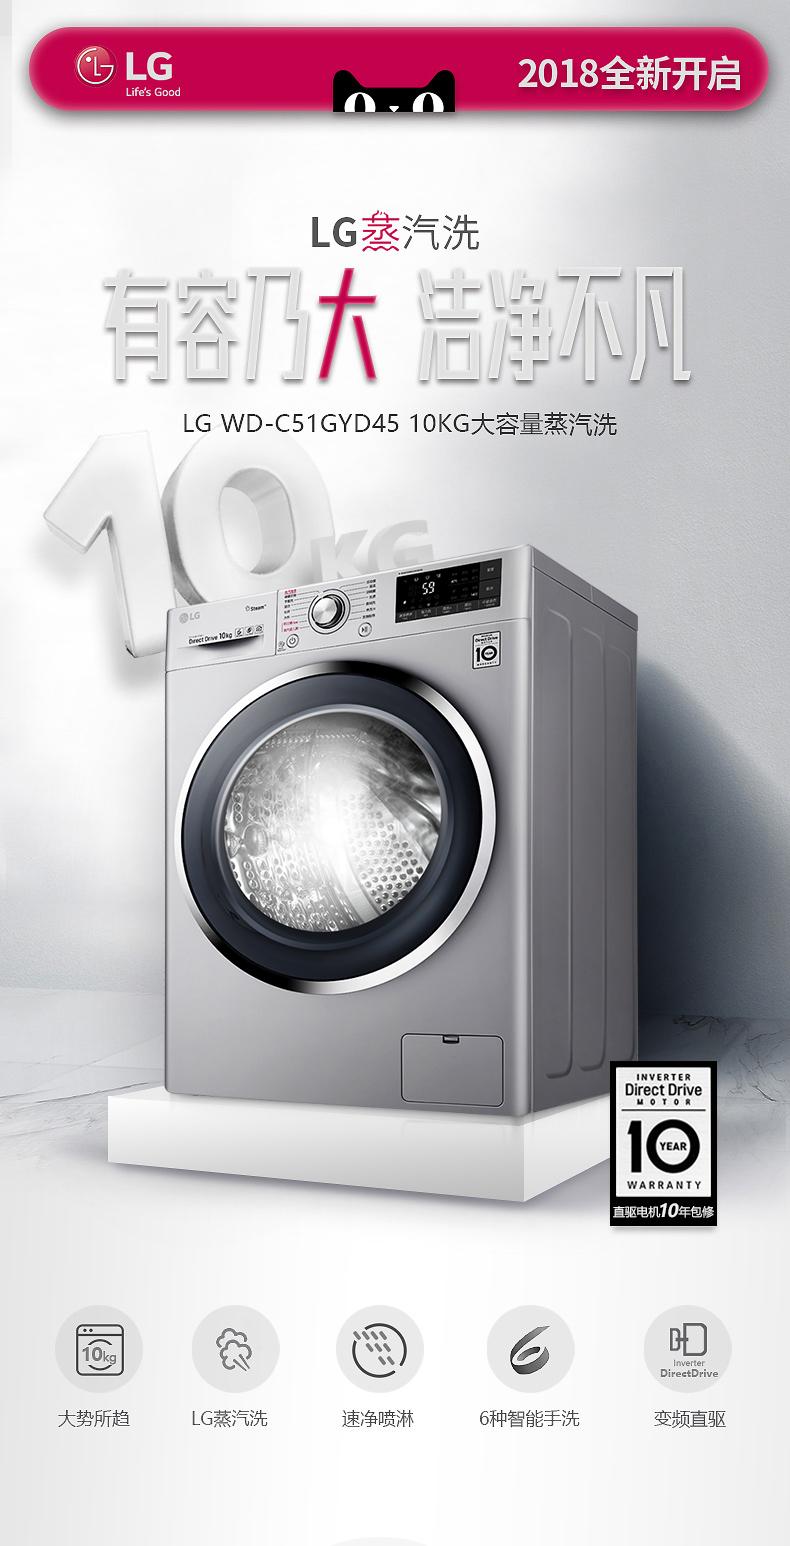 请问评价说说LG WD-C51GYD45 10kg蒸汽洗质量好不好?脱水声音都挺小的